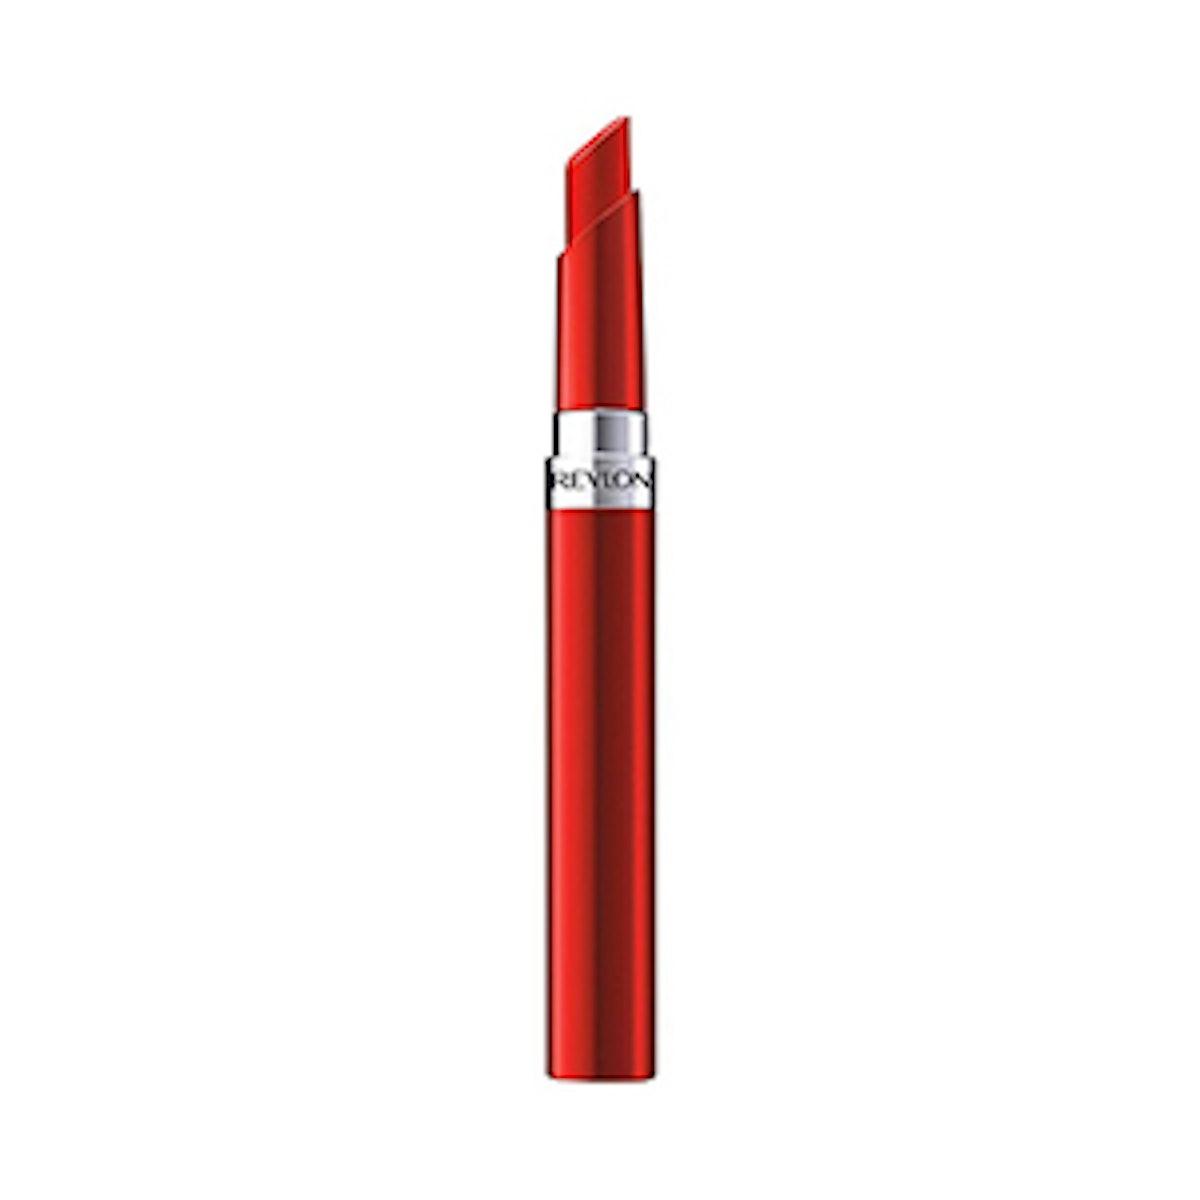 Revlon Ultra HD Gel Lip Color in HD Lava